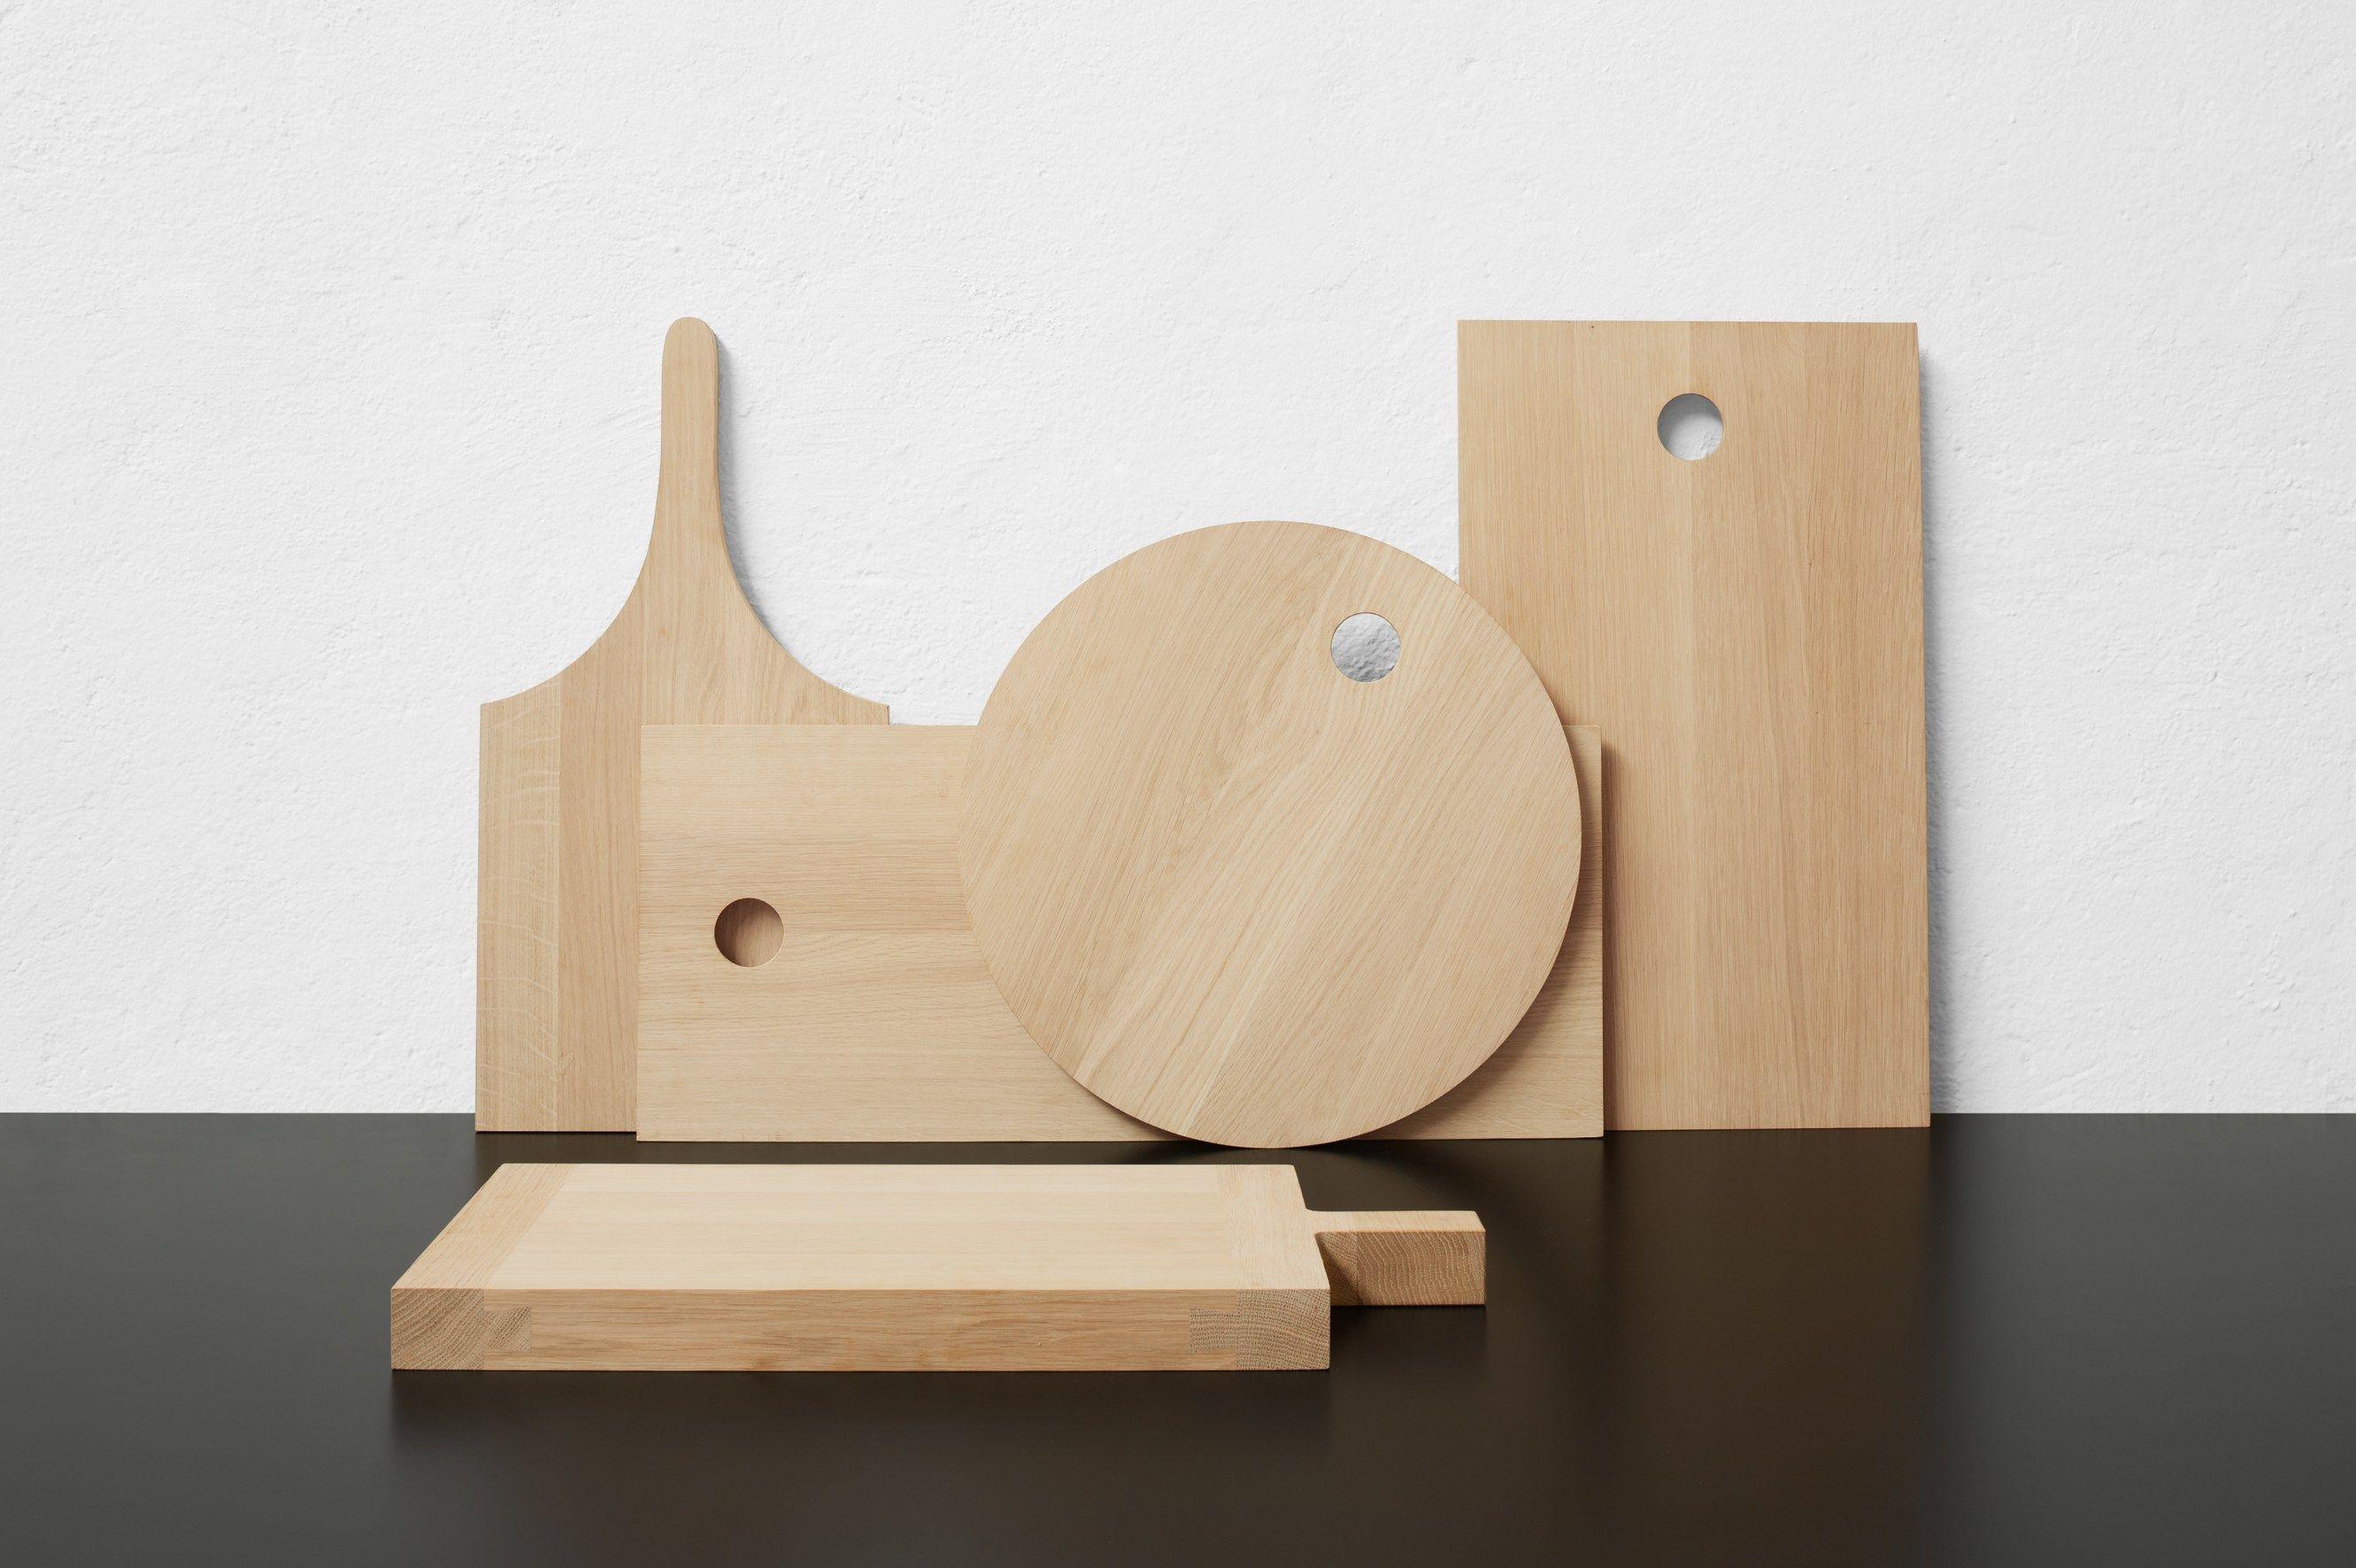 schneidebrett aus holz chop by e15 design philipp mainzer. Black Bedroom Furniture Sets. Home Design Ideas